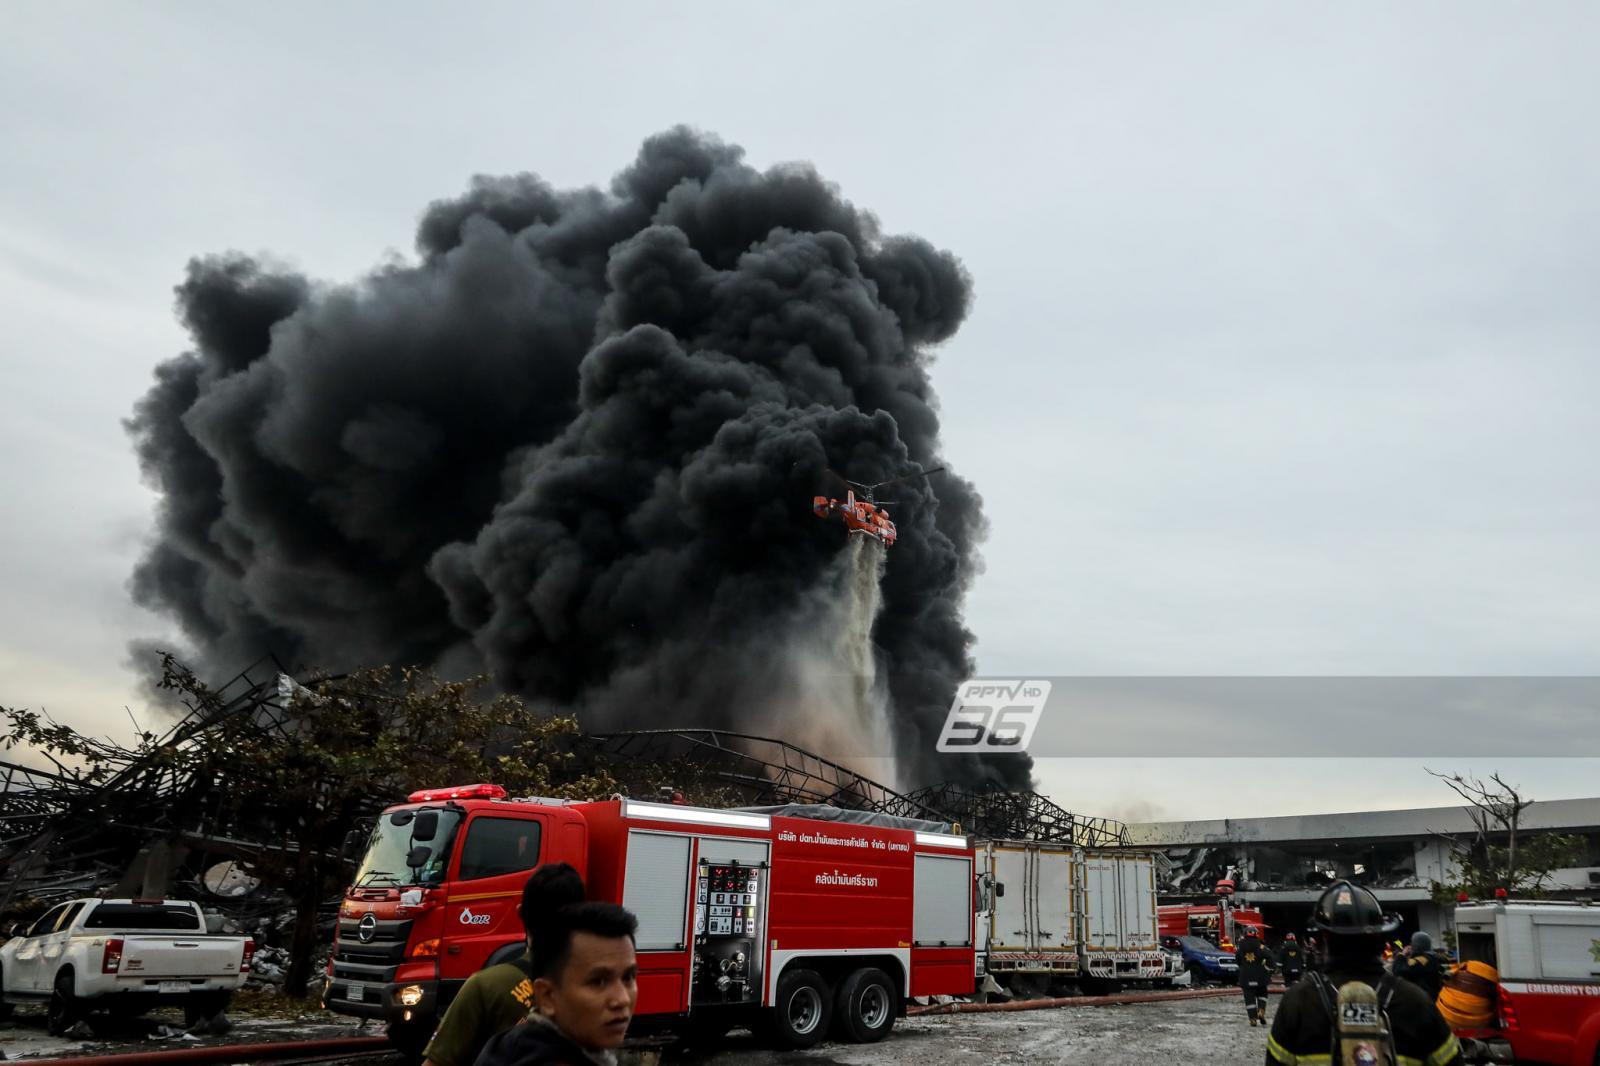 ส่องอาชีพนักผจญเพลิงในหลายประเทศมองเป็นฮีโร่สุดเท่